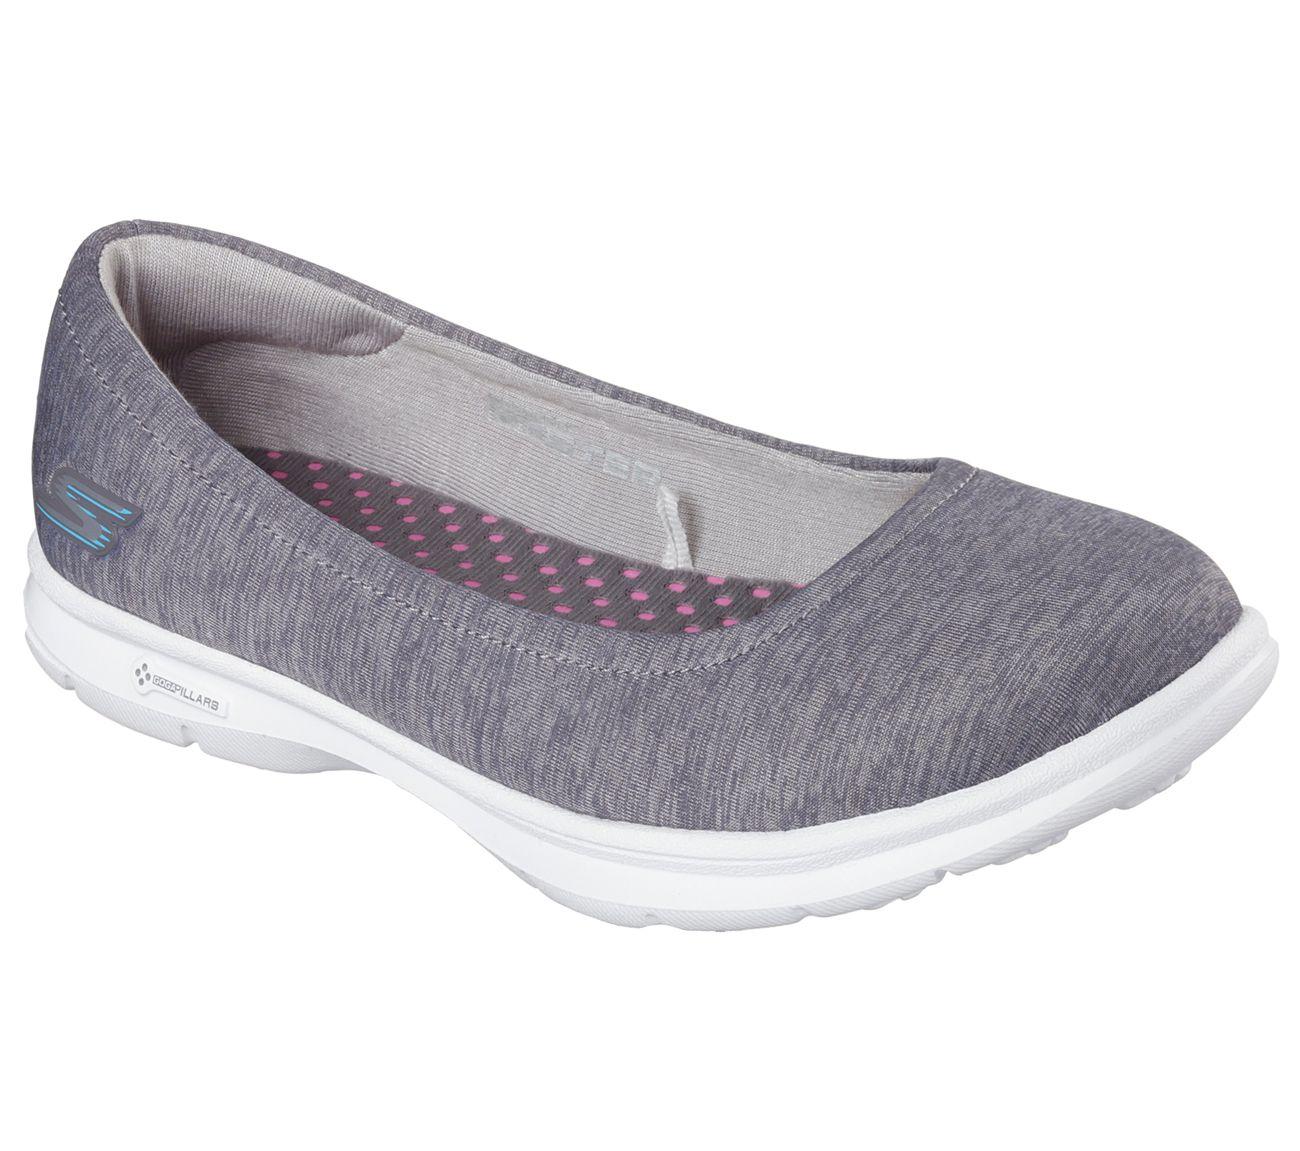 Skechers, Dressy shoes, Women shoes